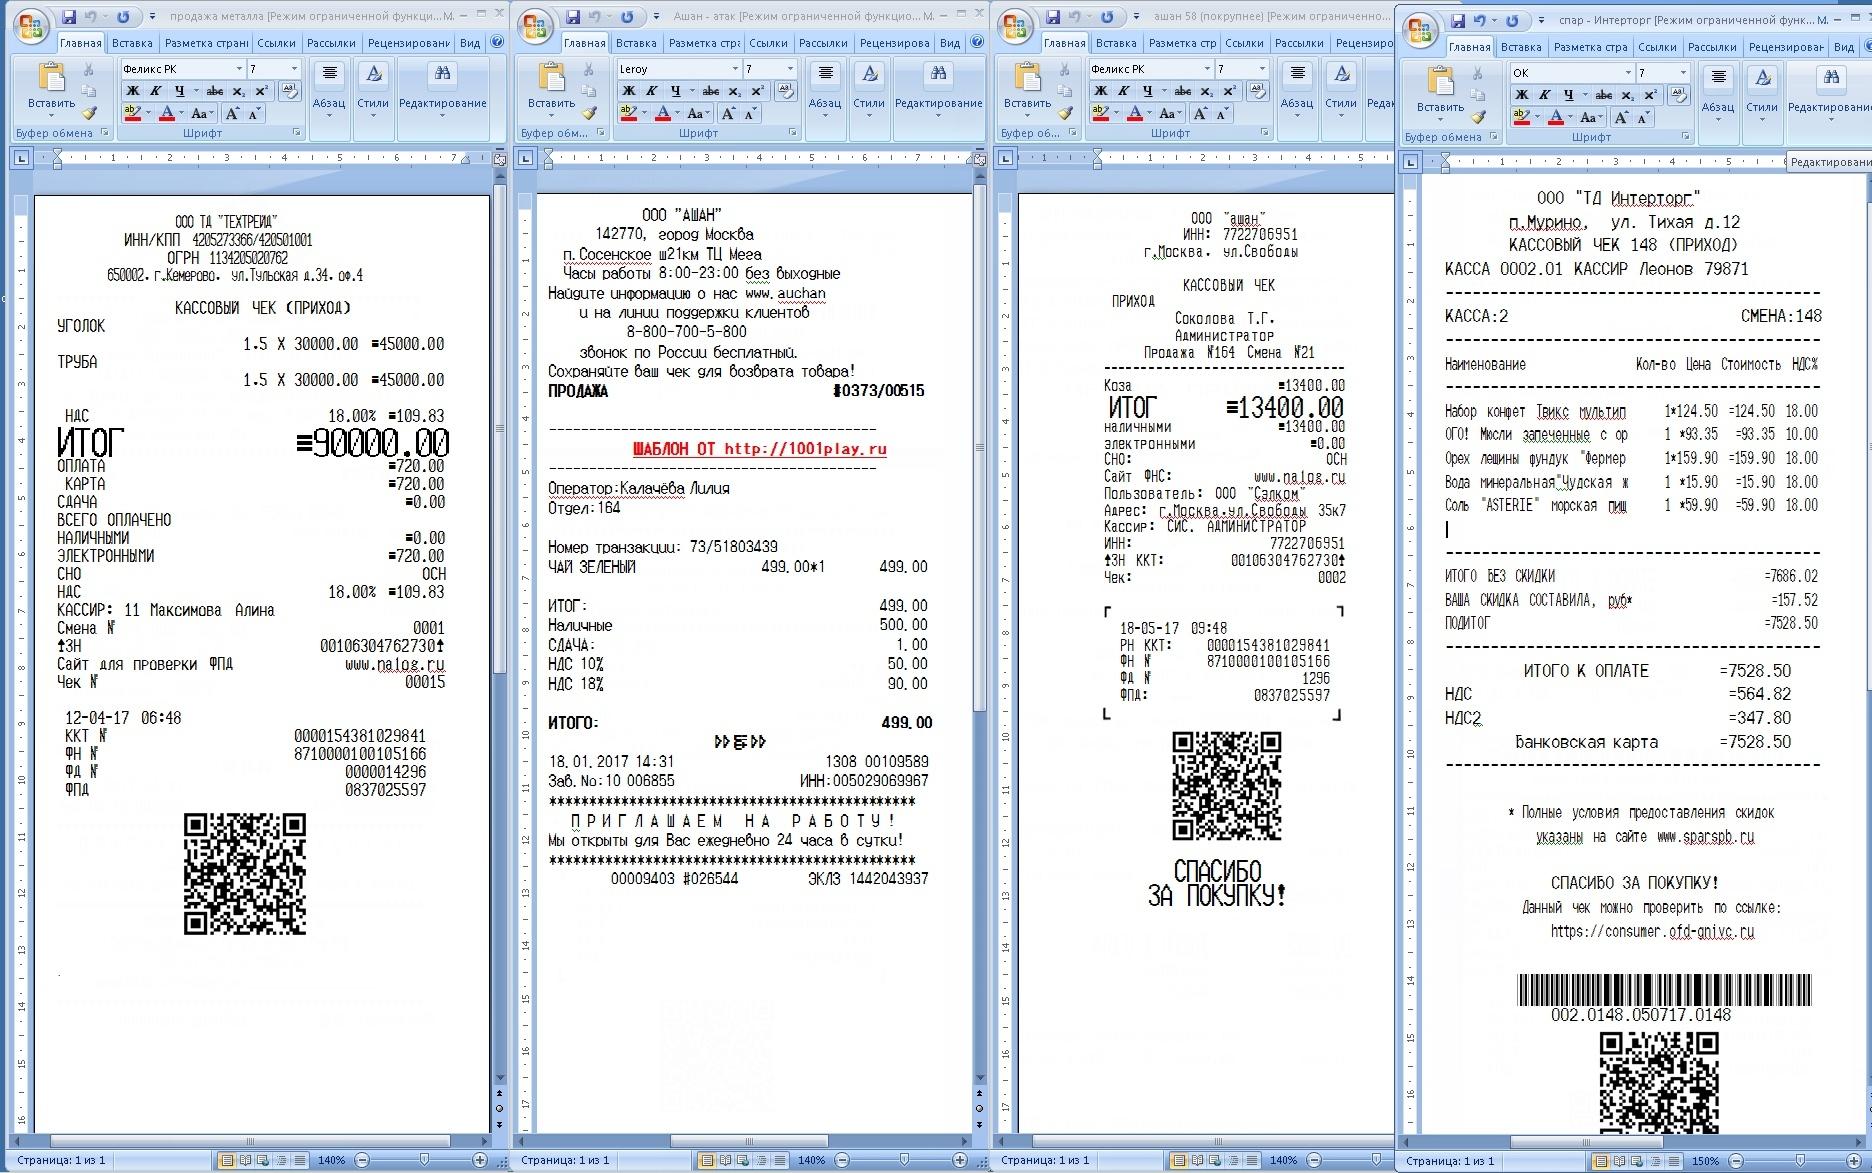 как сделать  новый чек 54 фз онлайн кассы интернет электронный fазс бензин топливо